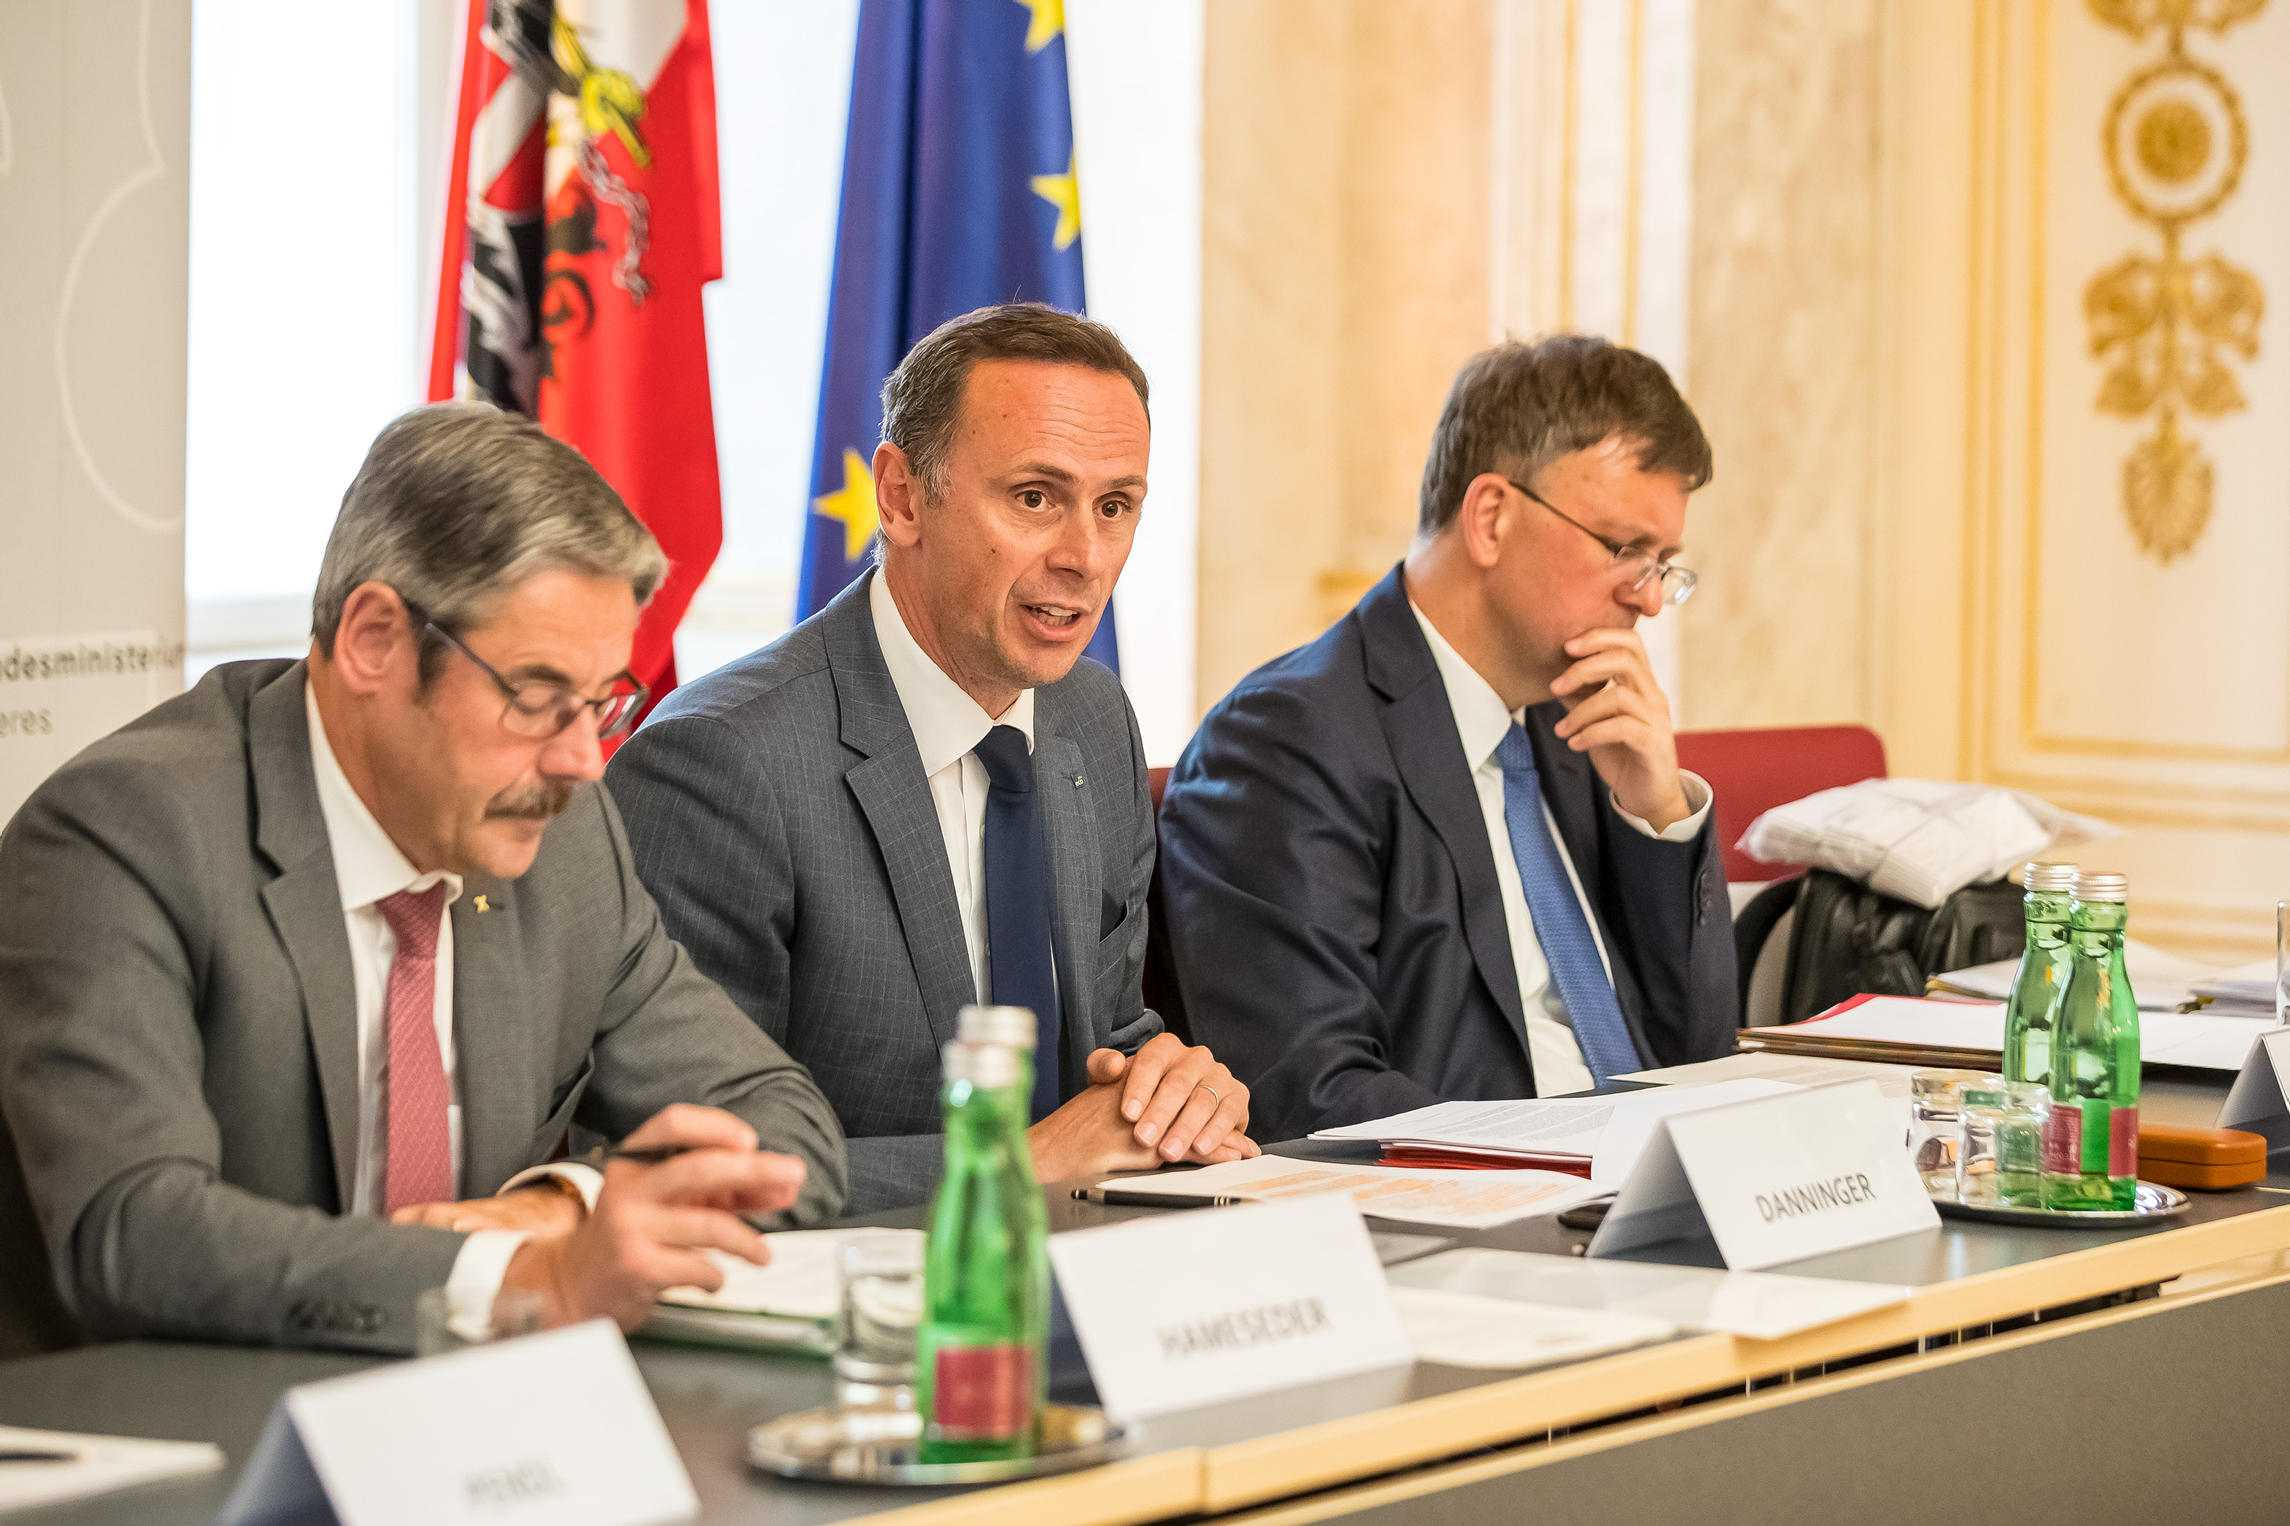 Copyright: BMI/Gerd PACHAUER, 08.10.2019 Wien, KSÖ, Kuratorium Sicheres Österreich, Generalversammlung, Festsaal,